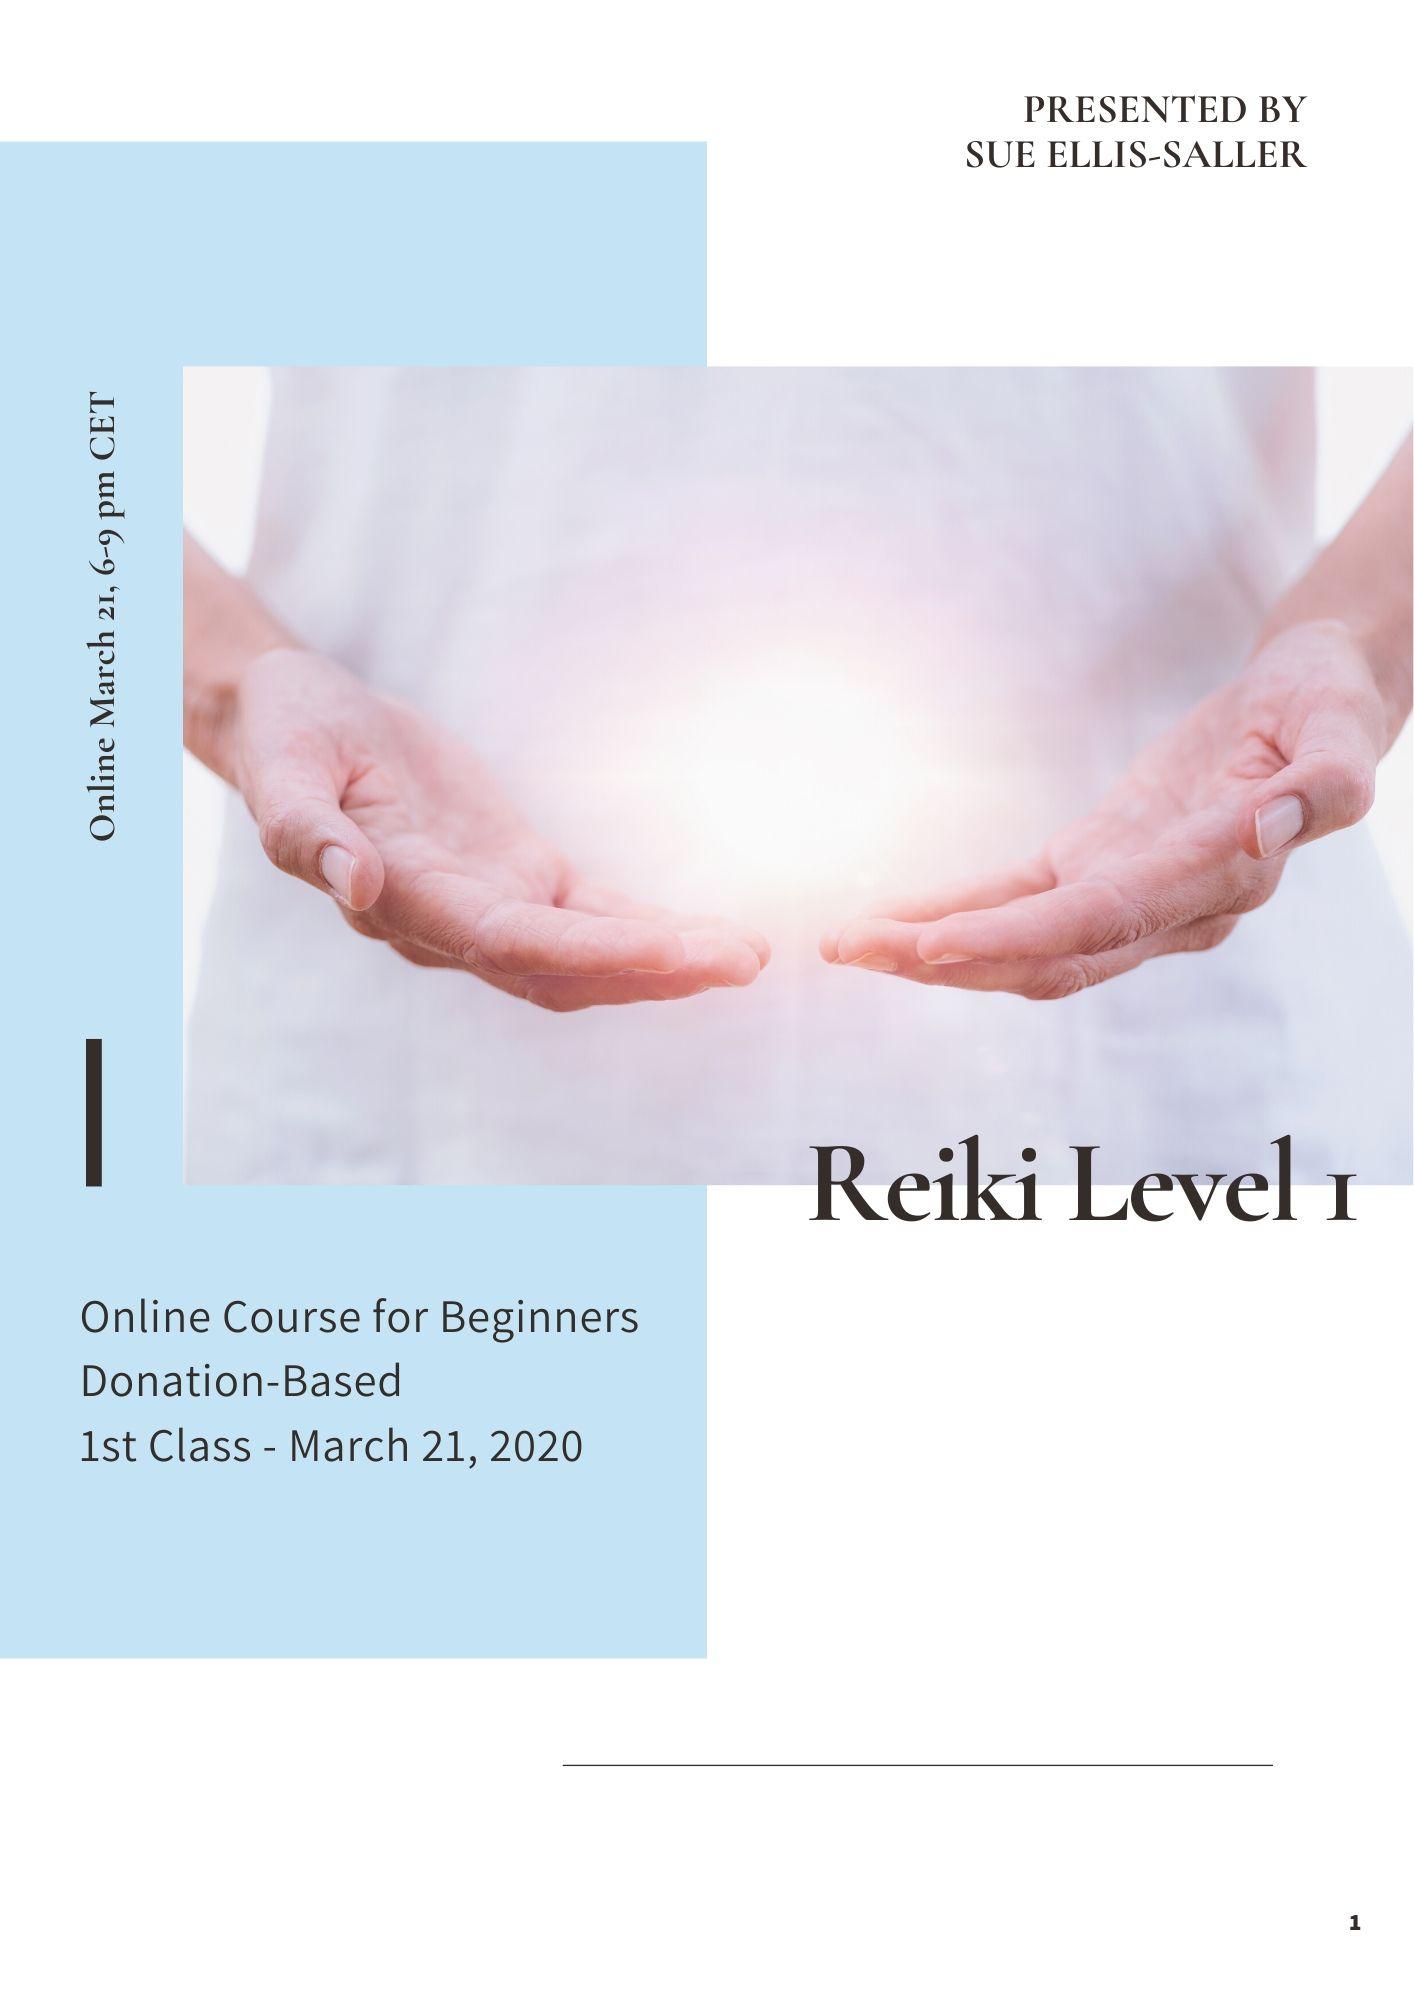 Reiki 1 March 21 Online